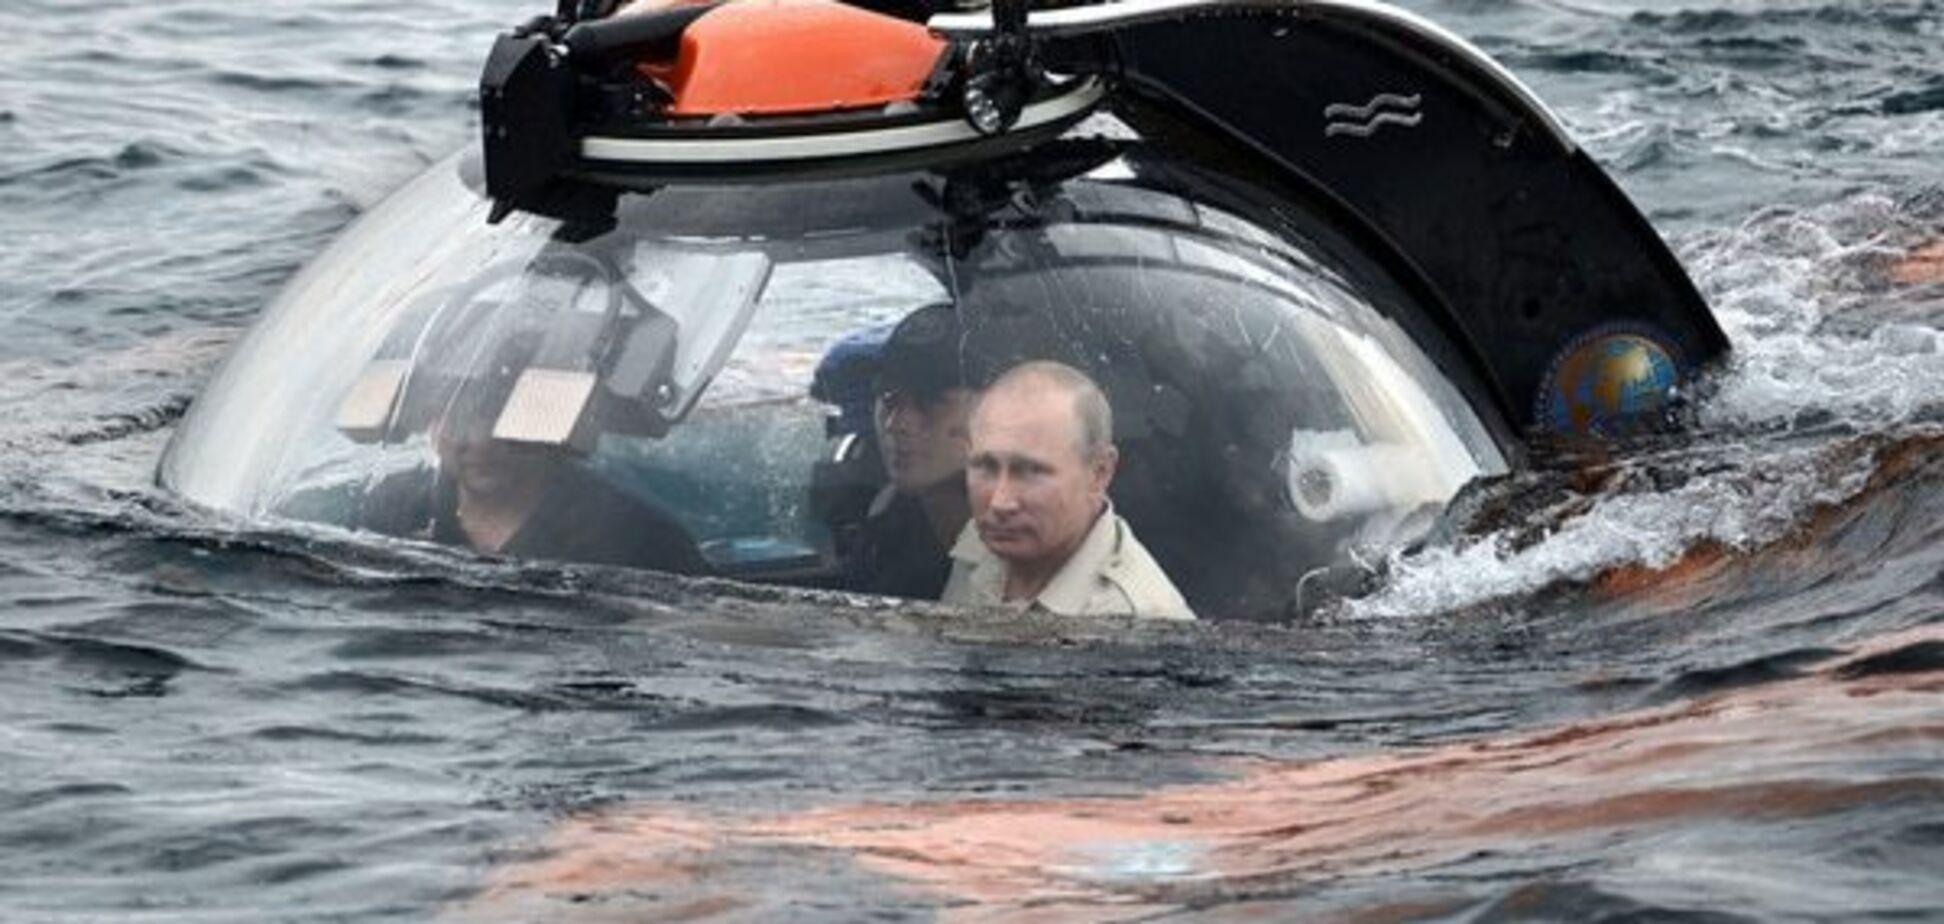 Путіна в батискафі порівняли із лиходієм у фільмах про Джеймса Бонда